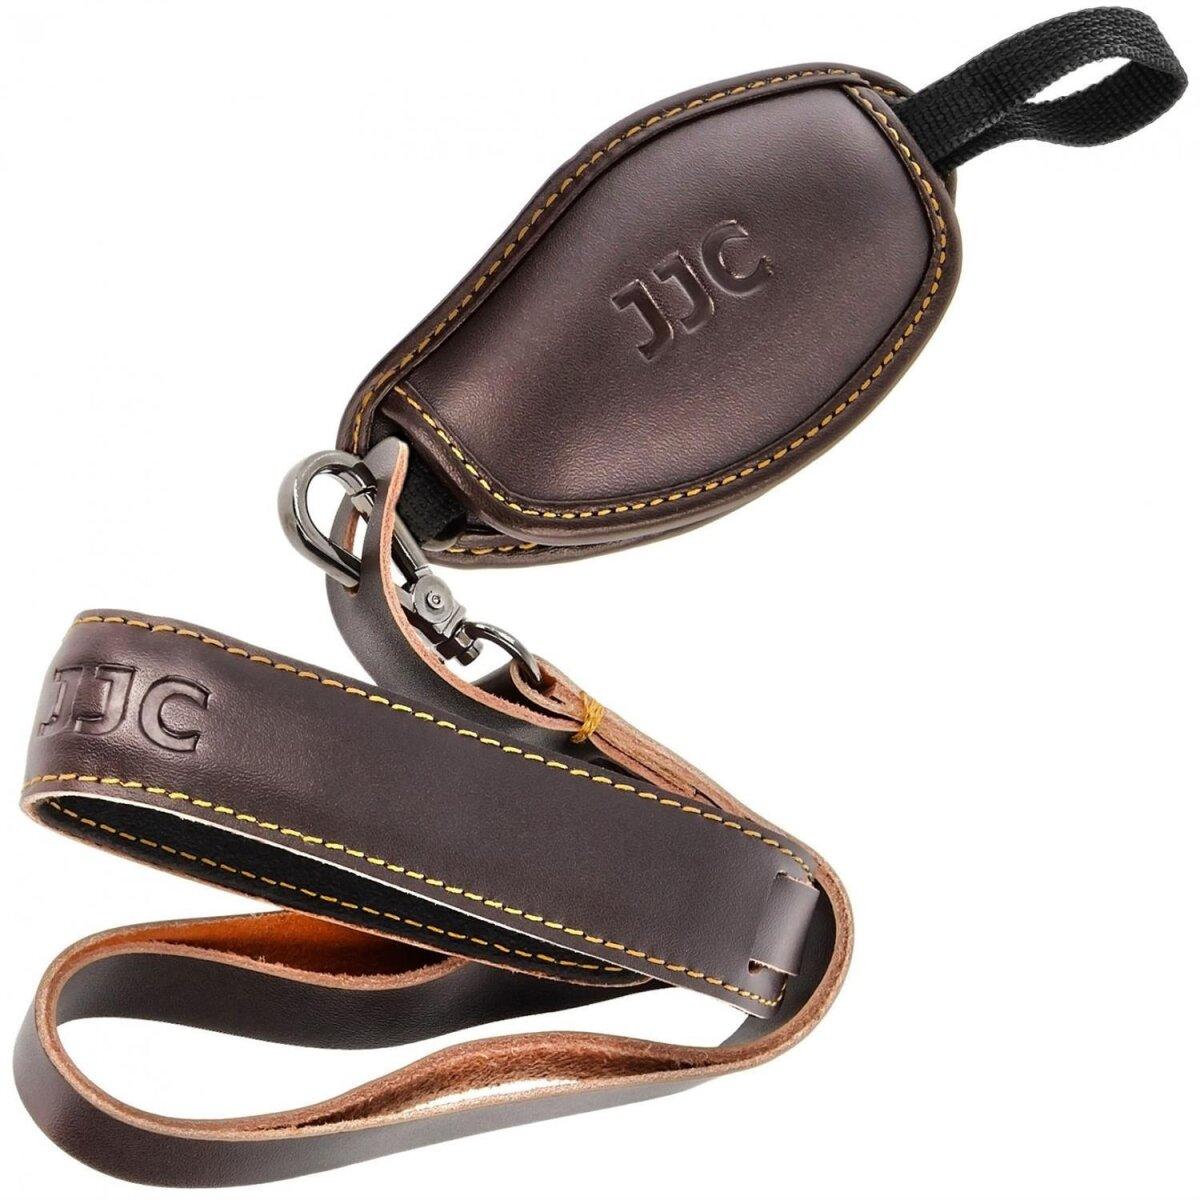 JJC Handschlaufe für Kamera mit Stativgewinde aus echtem Leder geeignet für alle SLR- und DSLR-Kameras